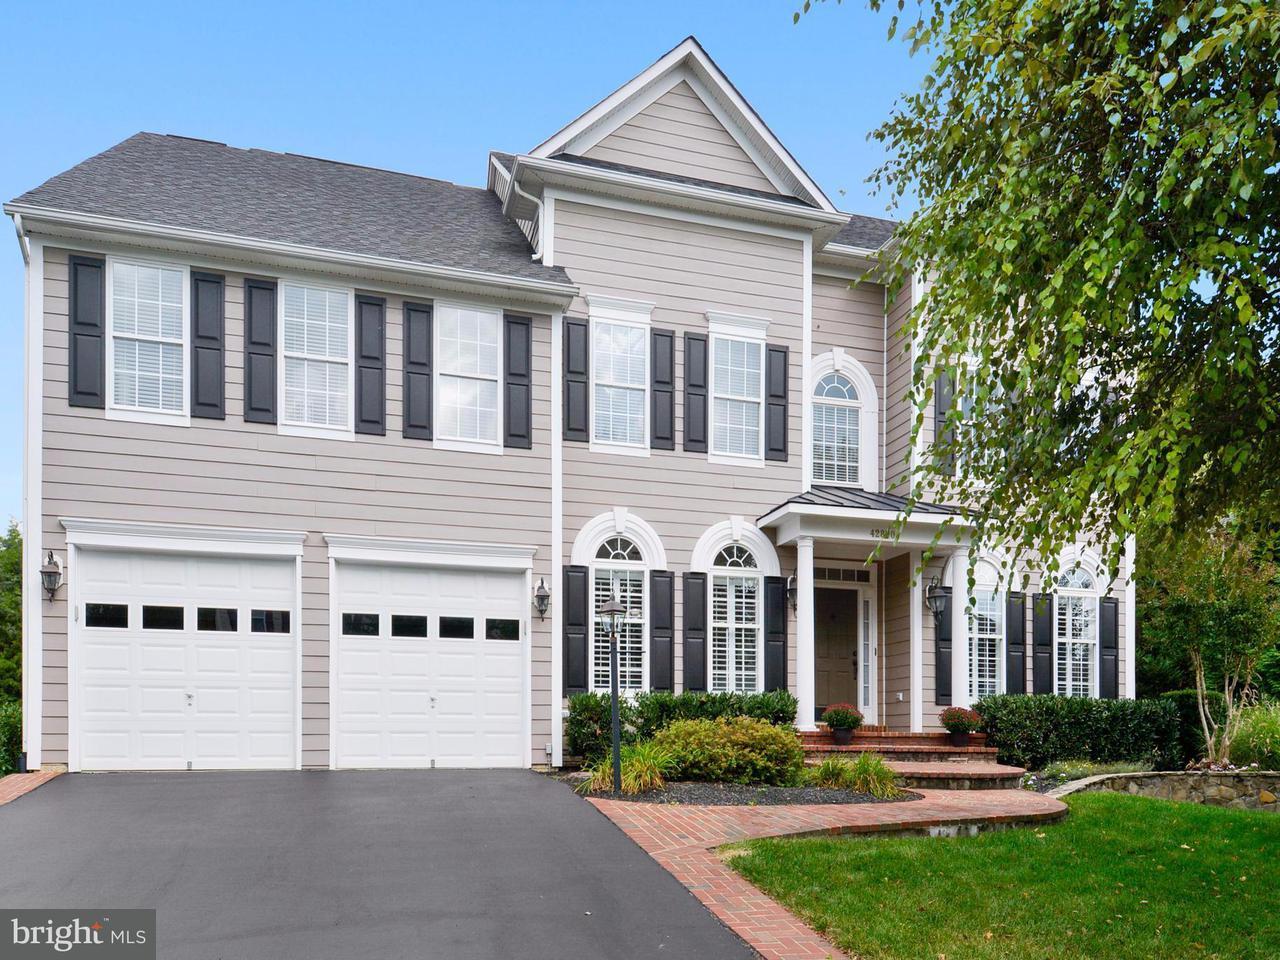 Casa Unifamiliar por un Venta en 42870 GLYNDEBOURNE Court 42870 GLYNDEBOURNE Court Broadlands, Virginia 20148 Estados Unidos